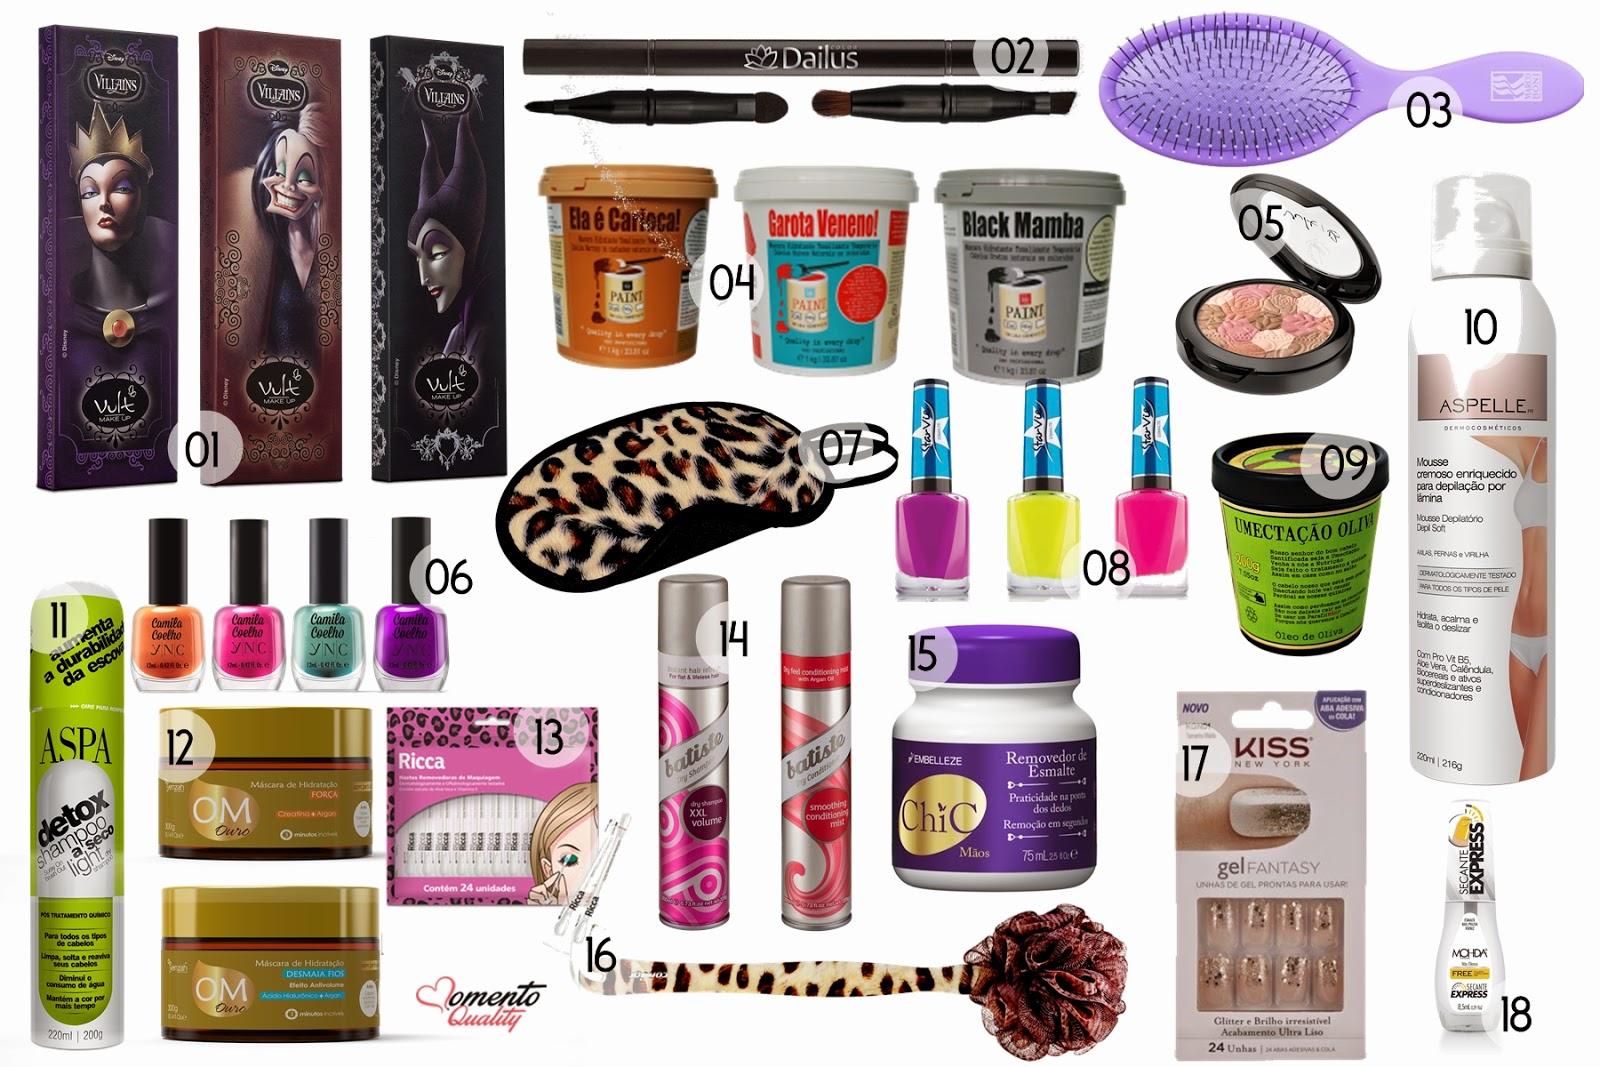 Lançamentos Beauty Fair 2014